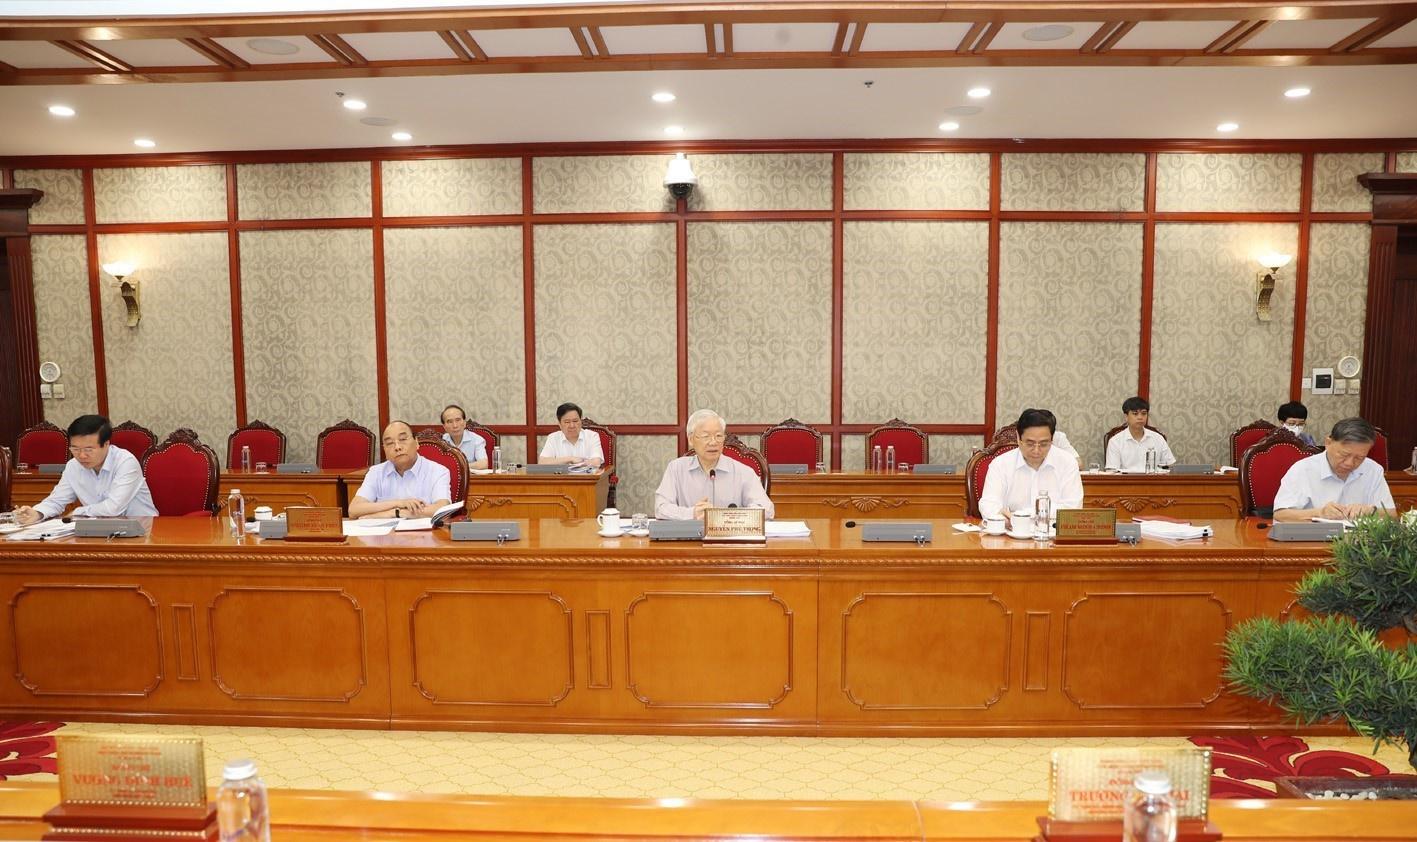 Bộ Chính trị: Xem xét cho tổ chức, cá nhân mua, cung cấp vắc xin ngừa Covid-19